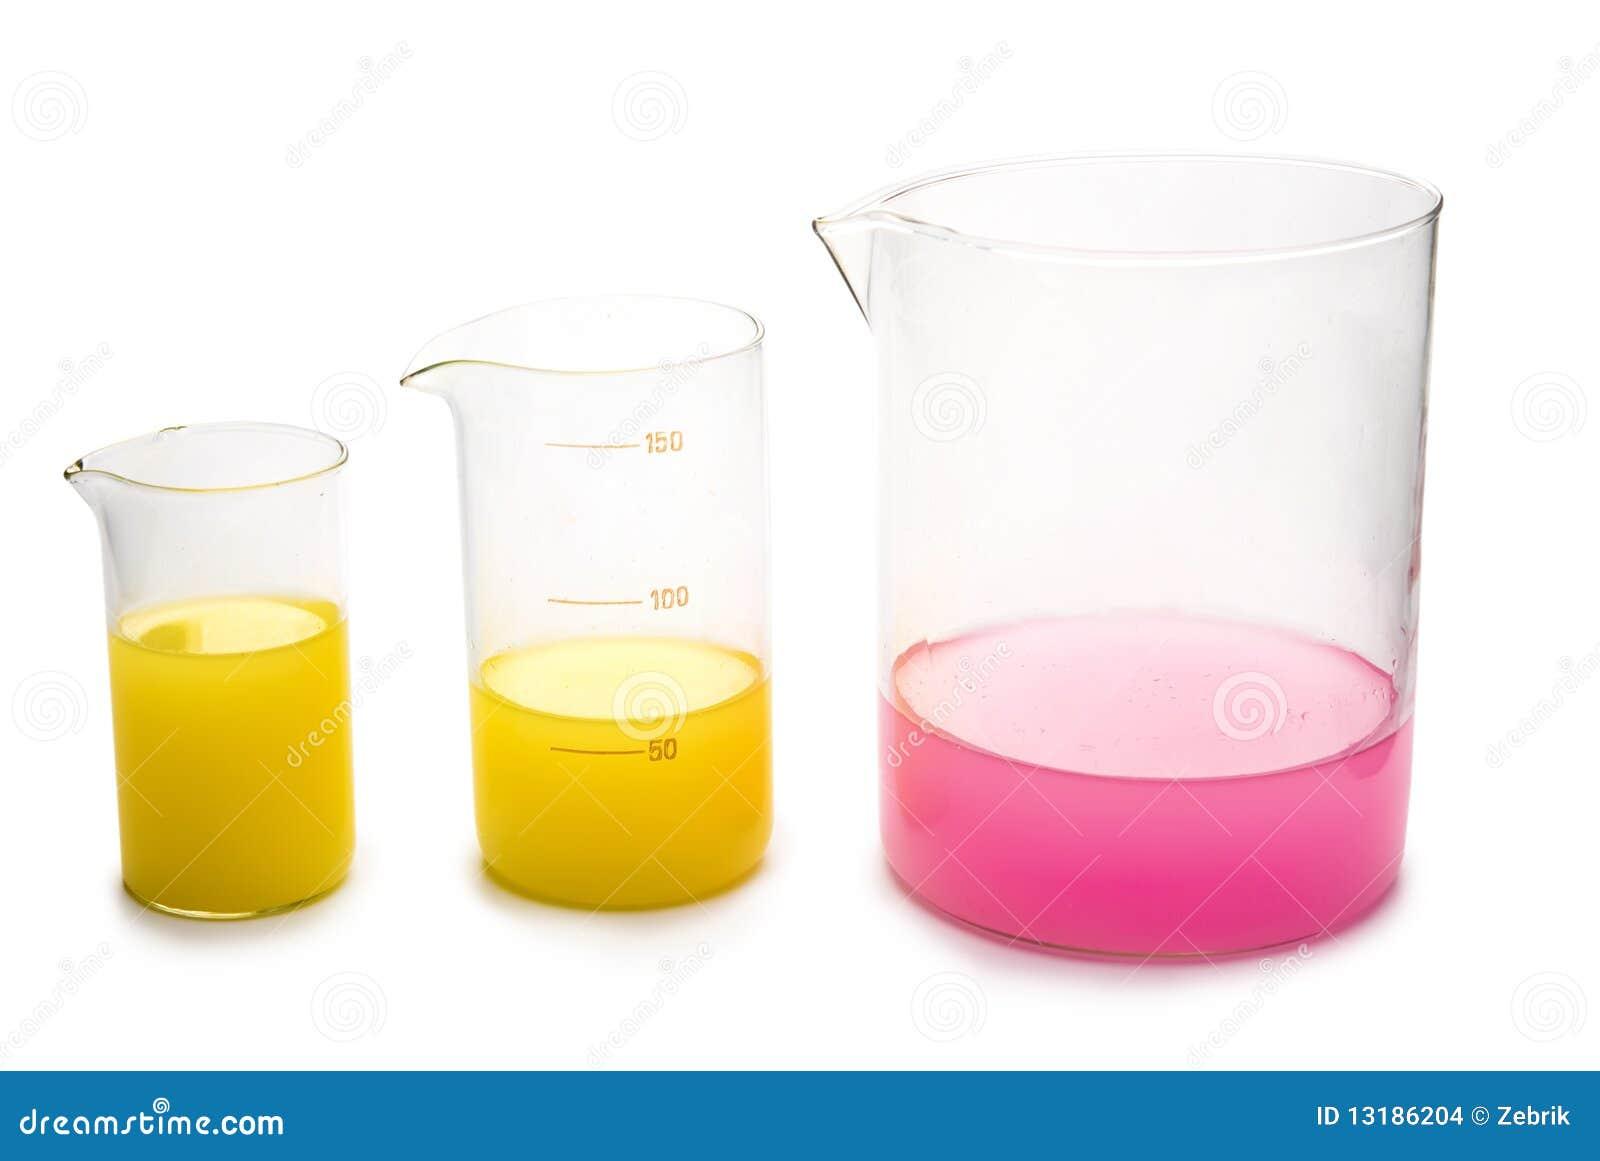 χημικά γυαλικά διαφανή